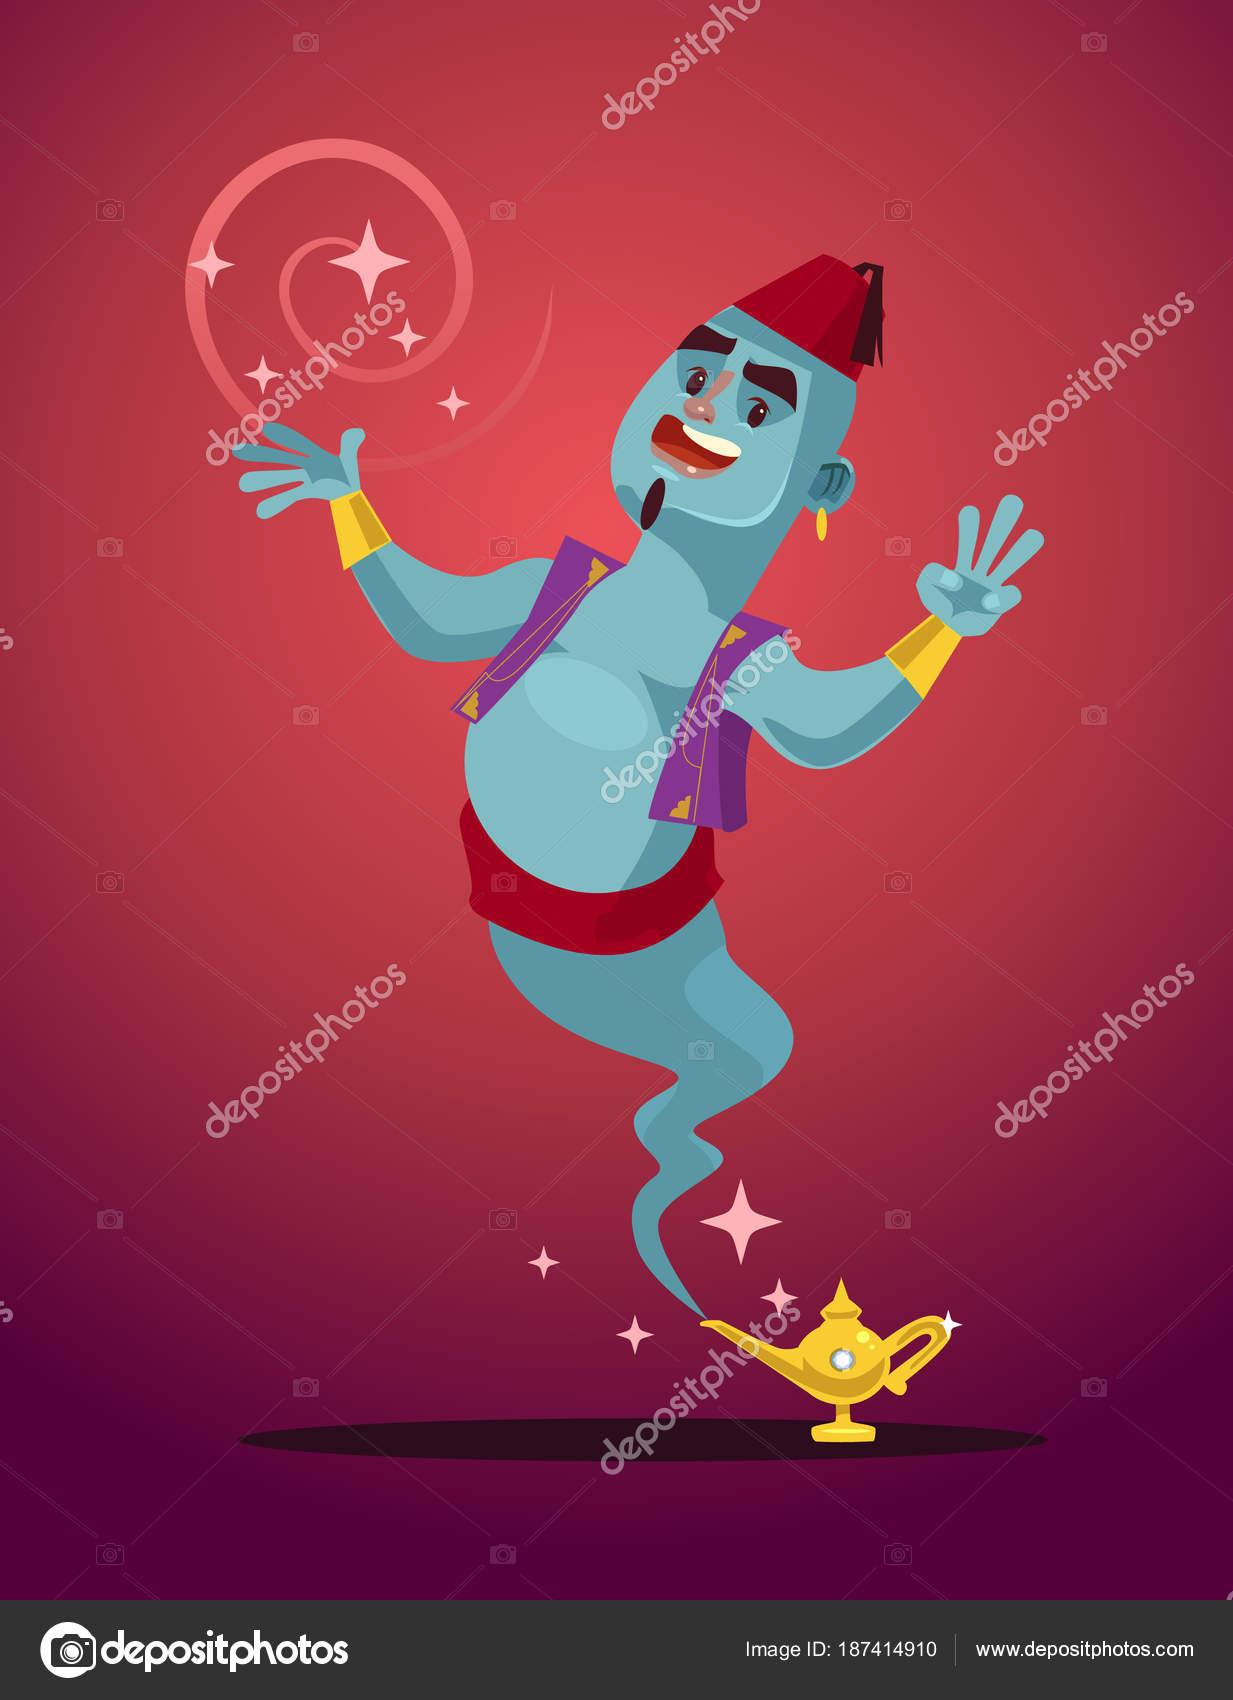 Aladdin il genio e il diritto a una saggia sregolatezza senza linea